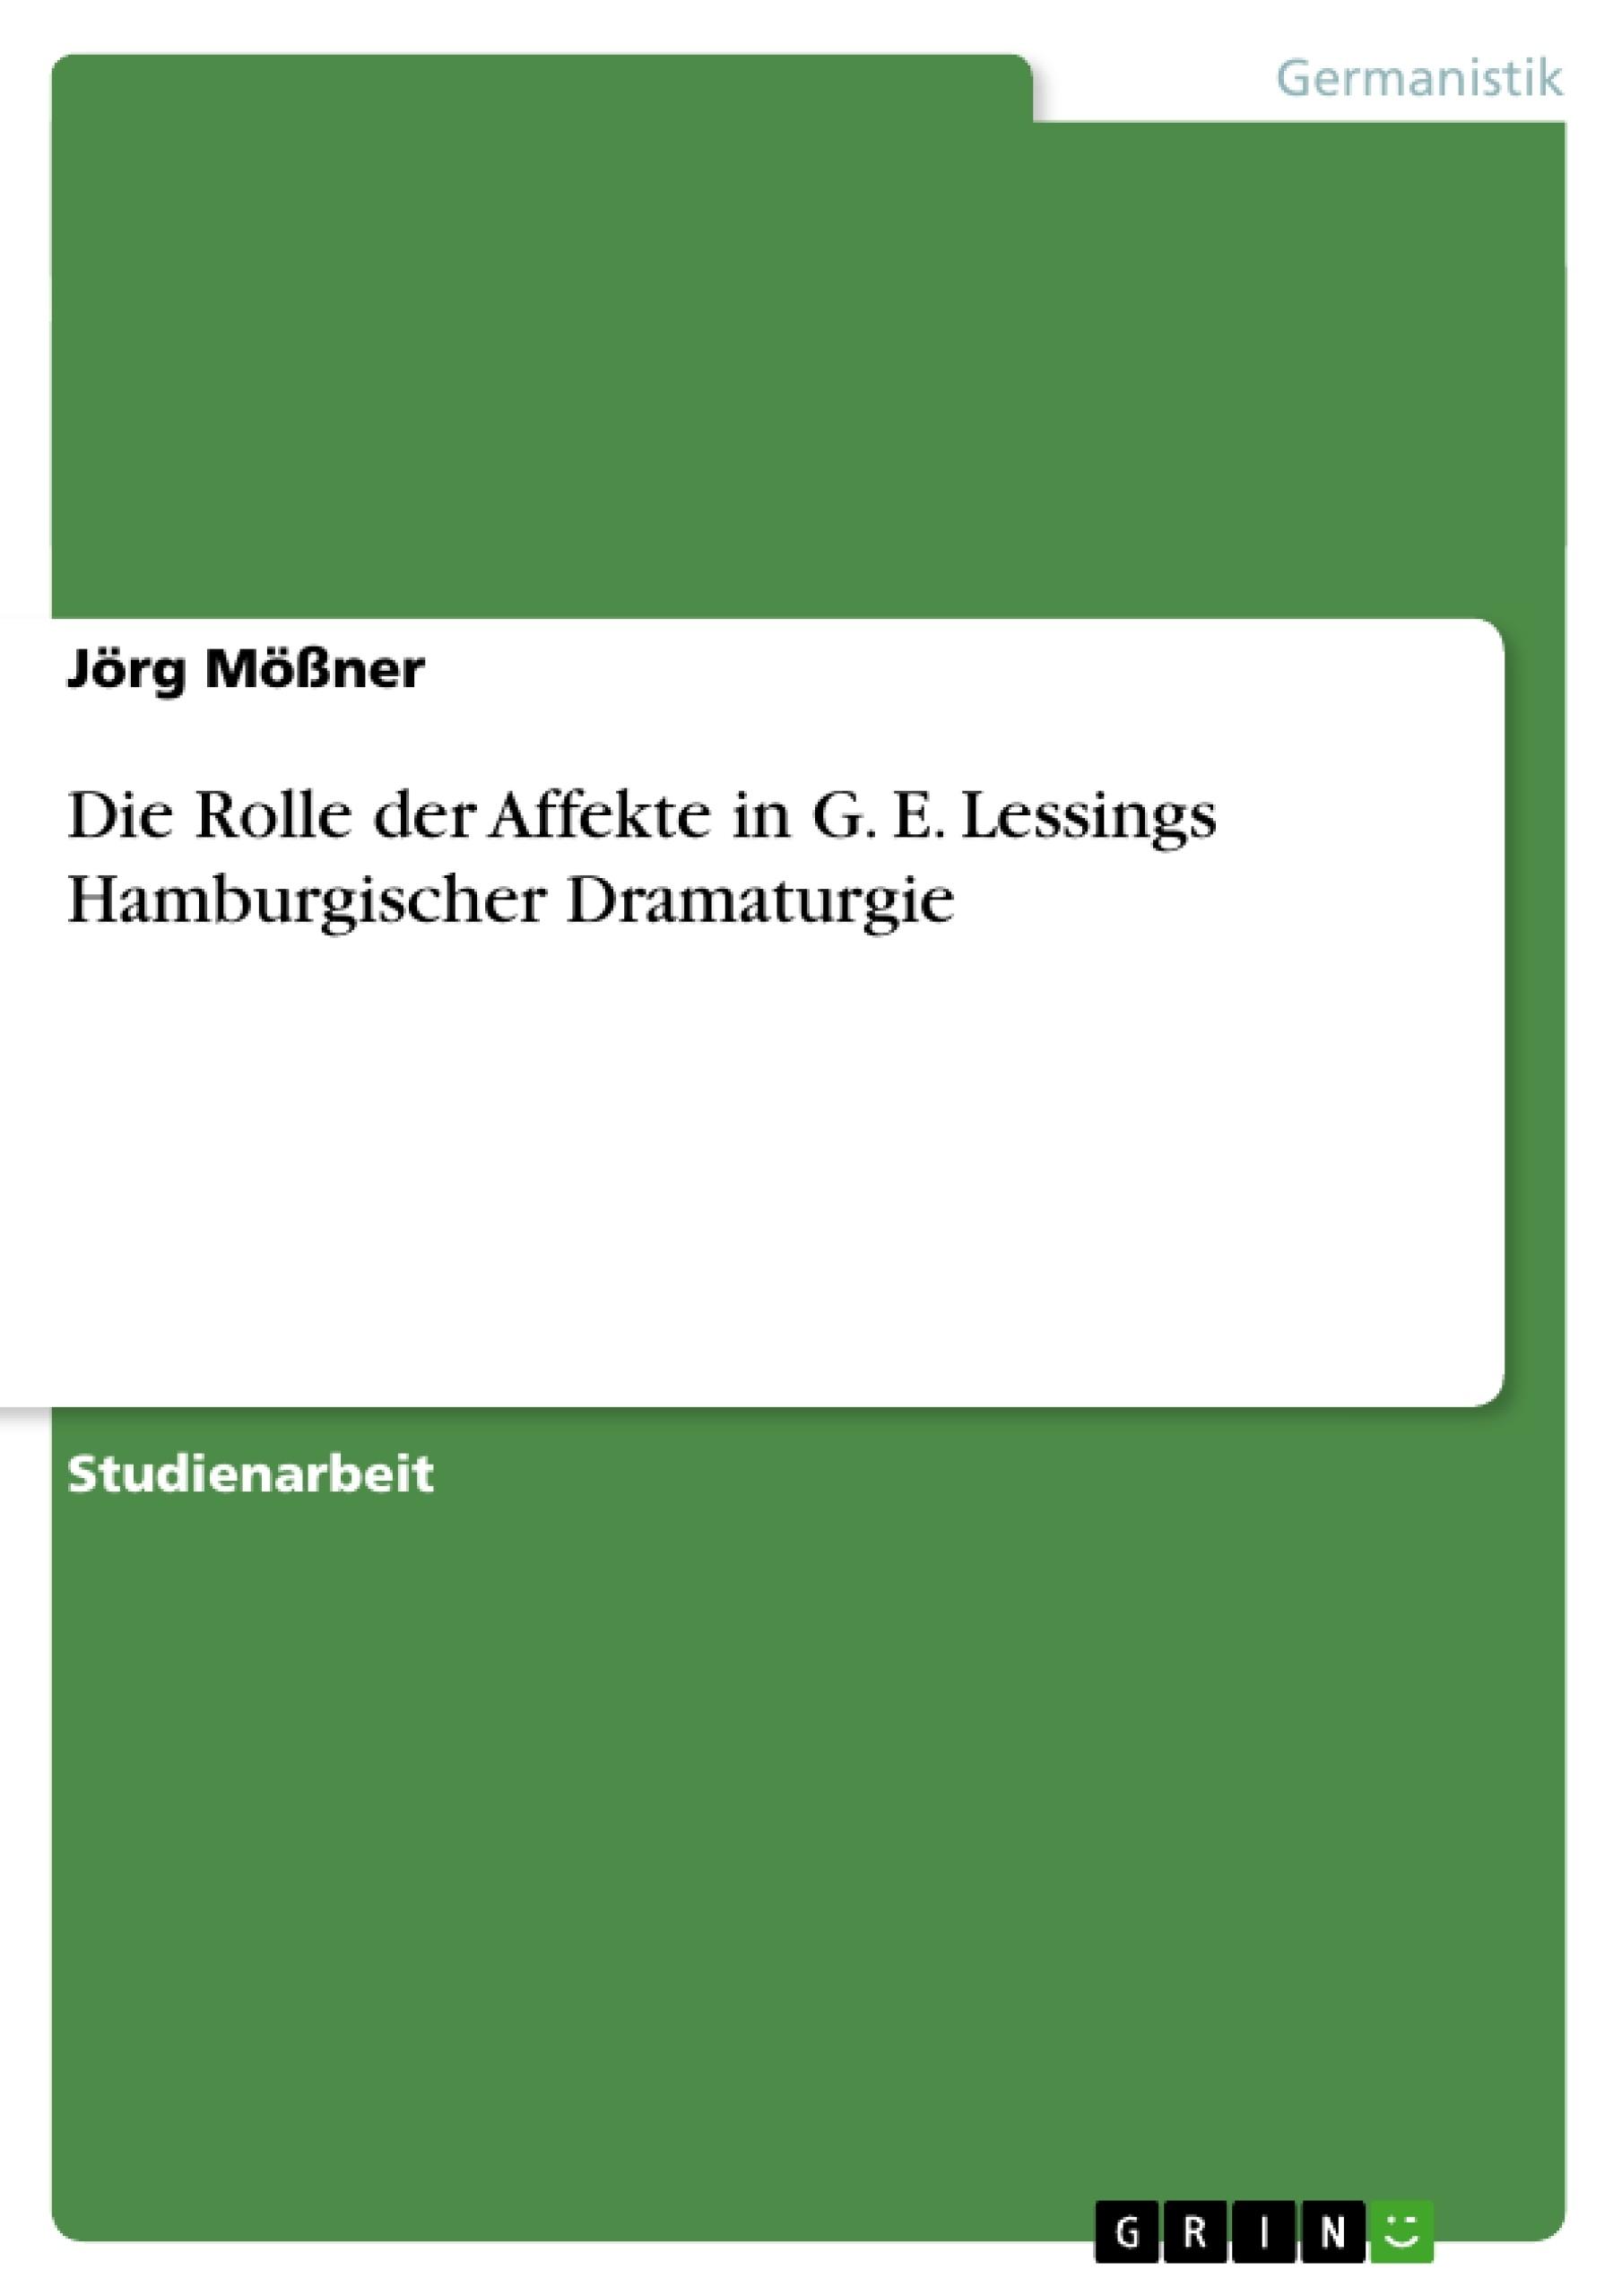 Titel: Die Rolle der Affekte in G. E. Lessings Hamburgischer Dramaturgie